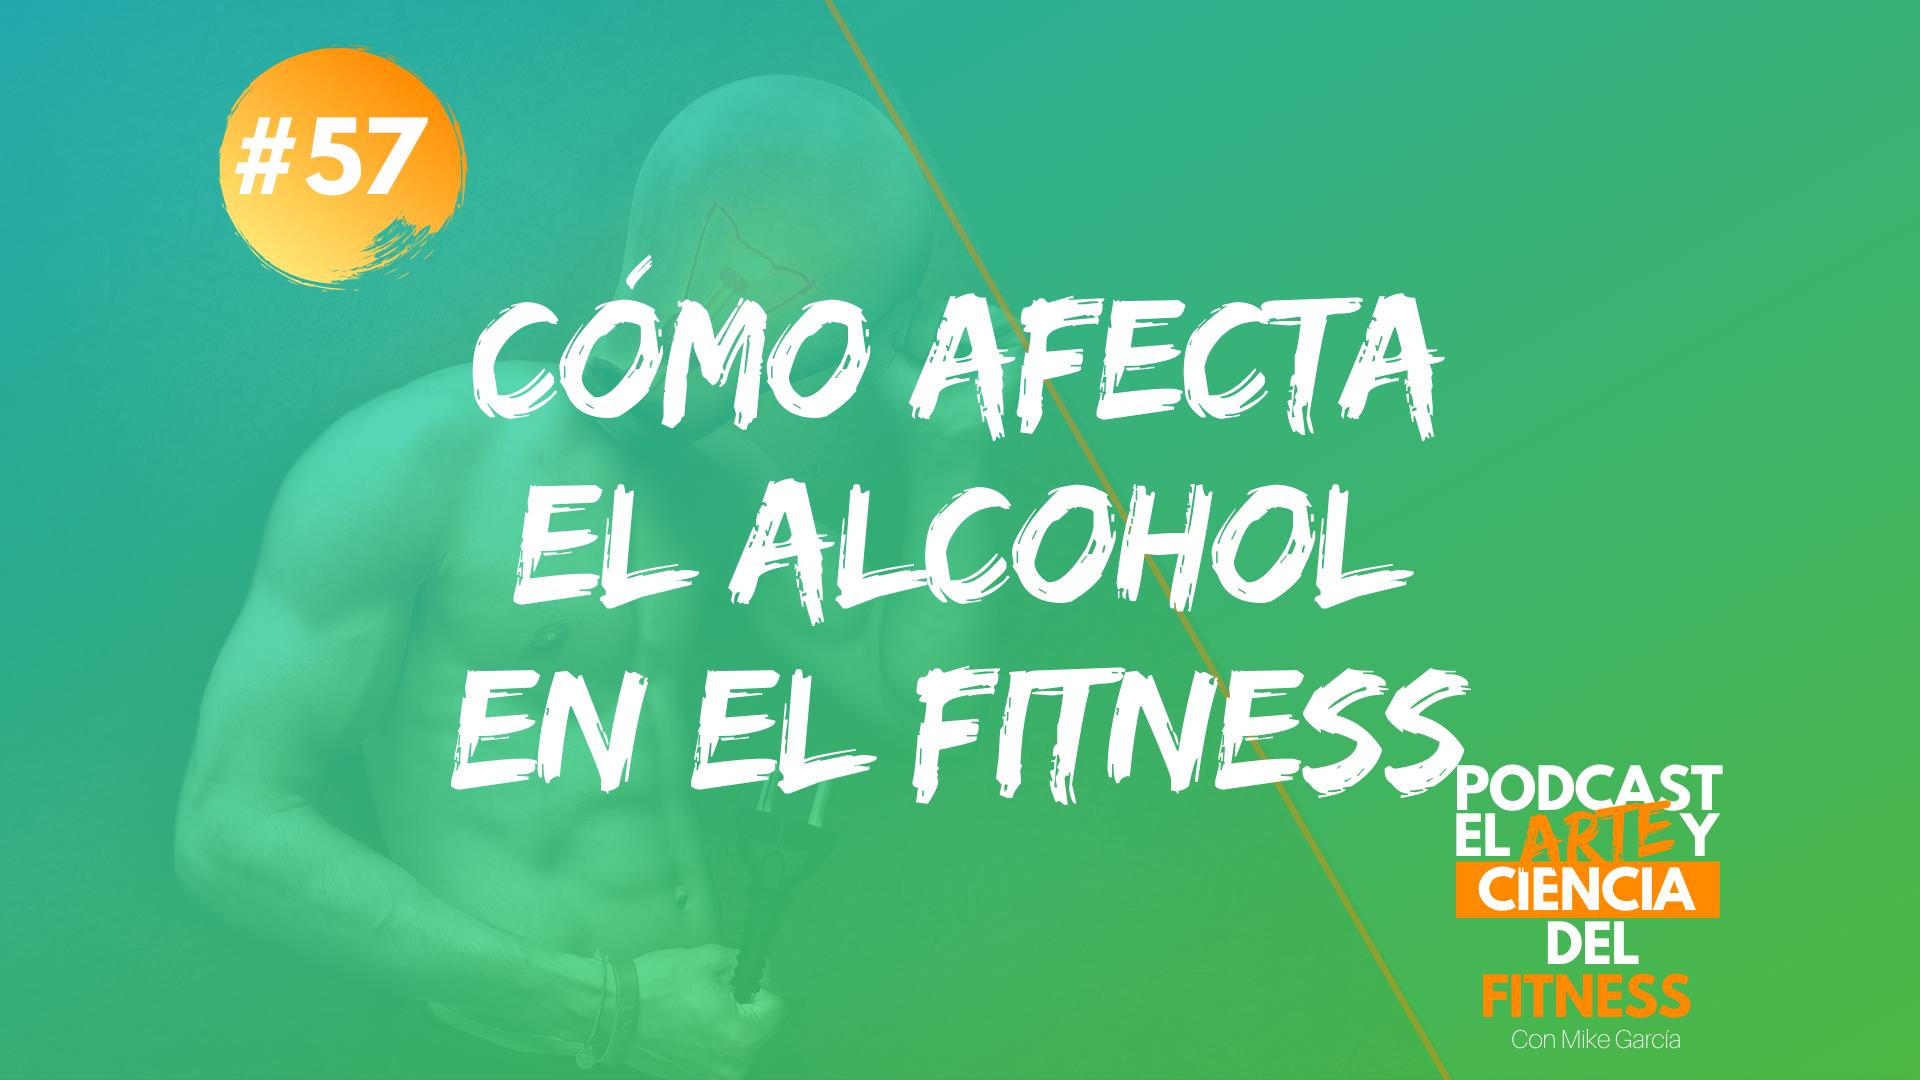 Podcast #57: Cómo Afecta El Alcohol En El Fitness